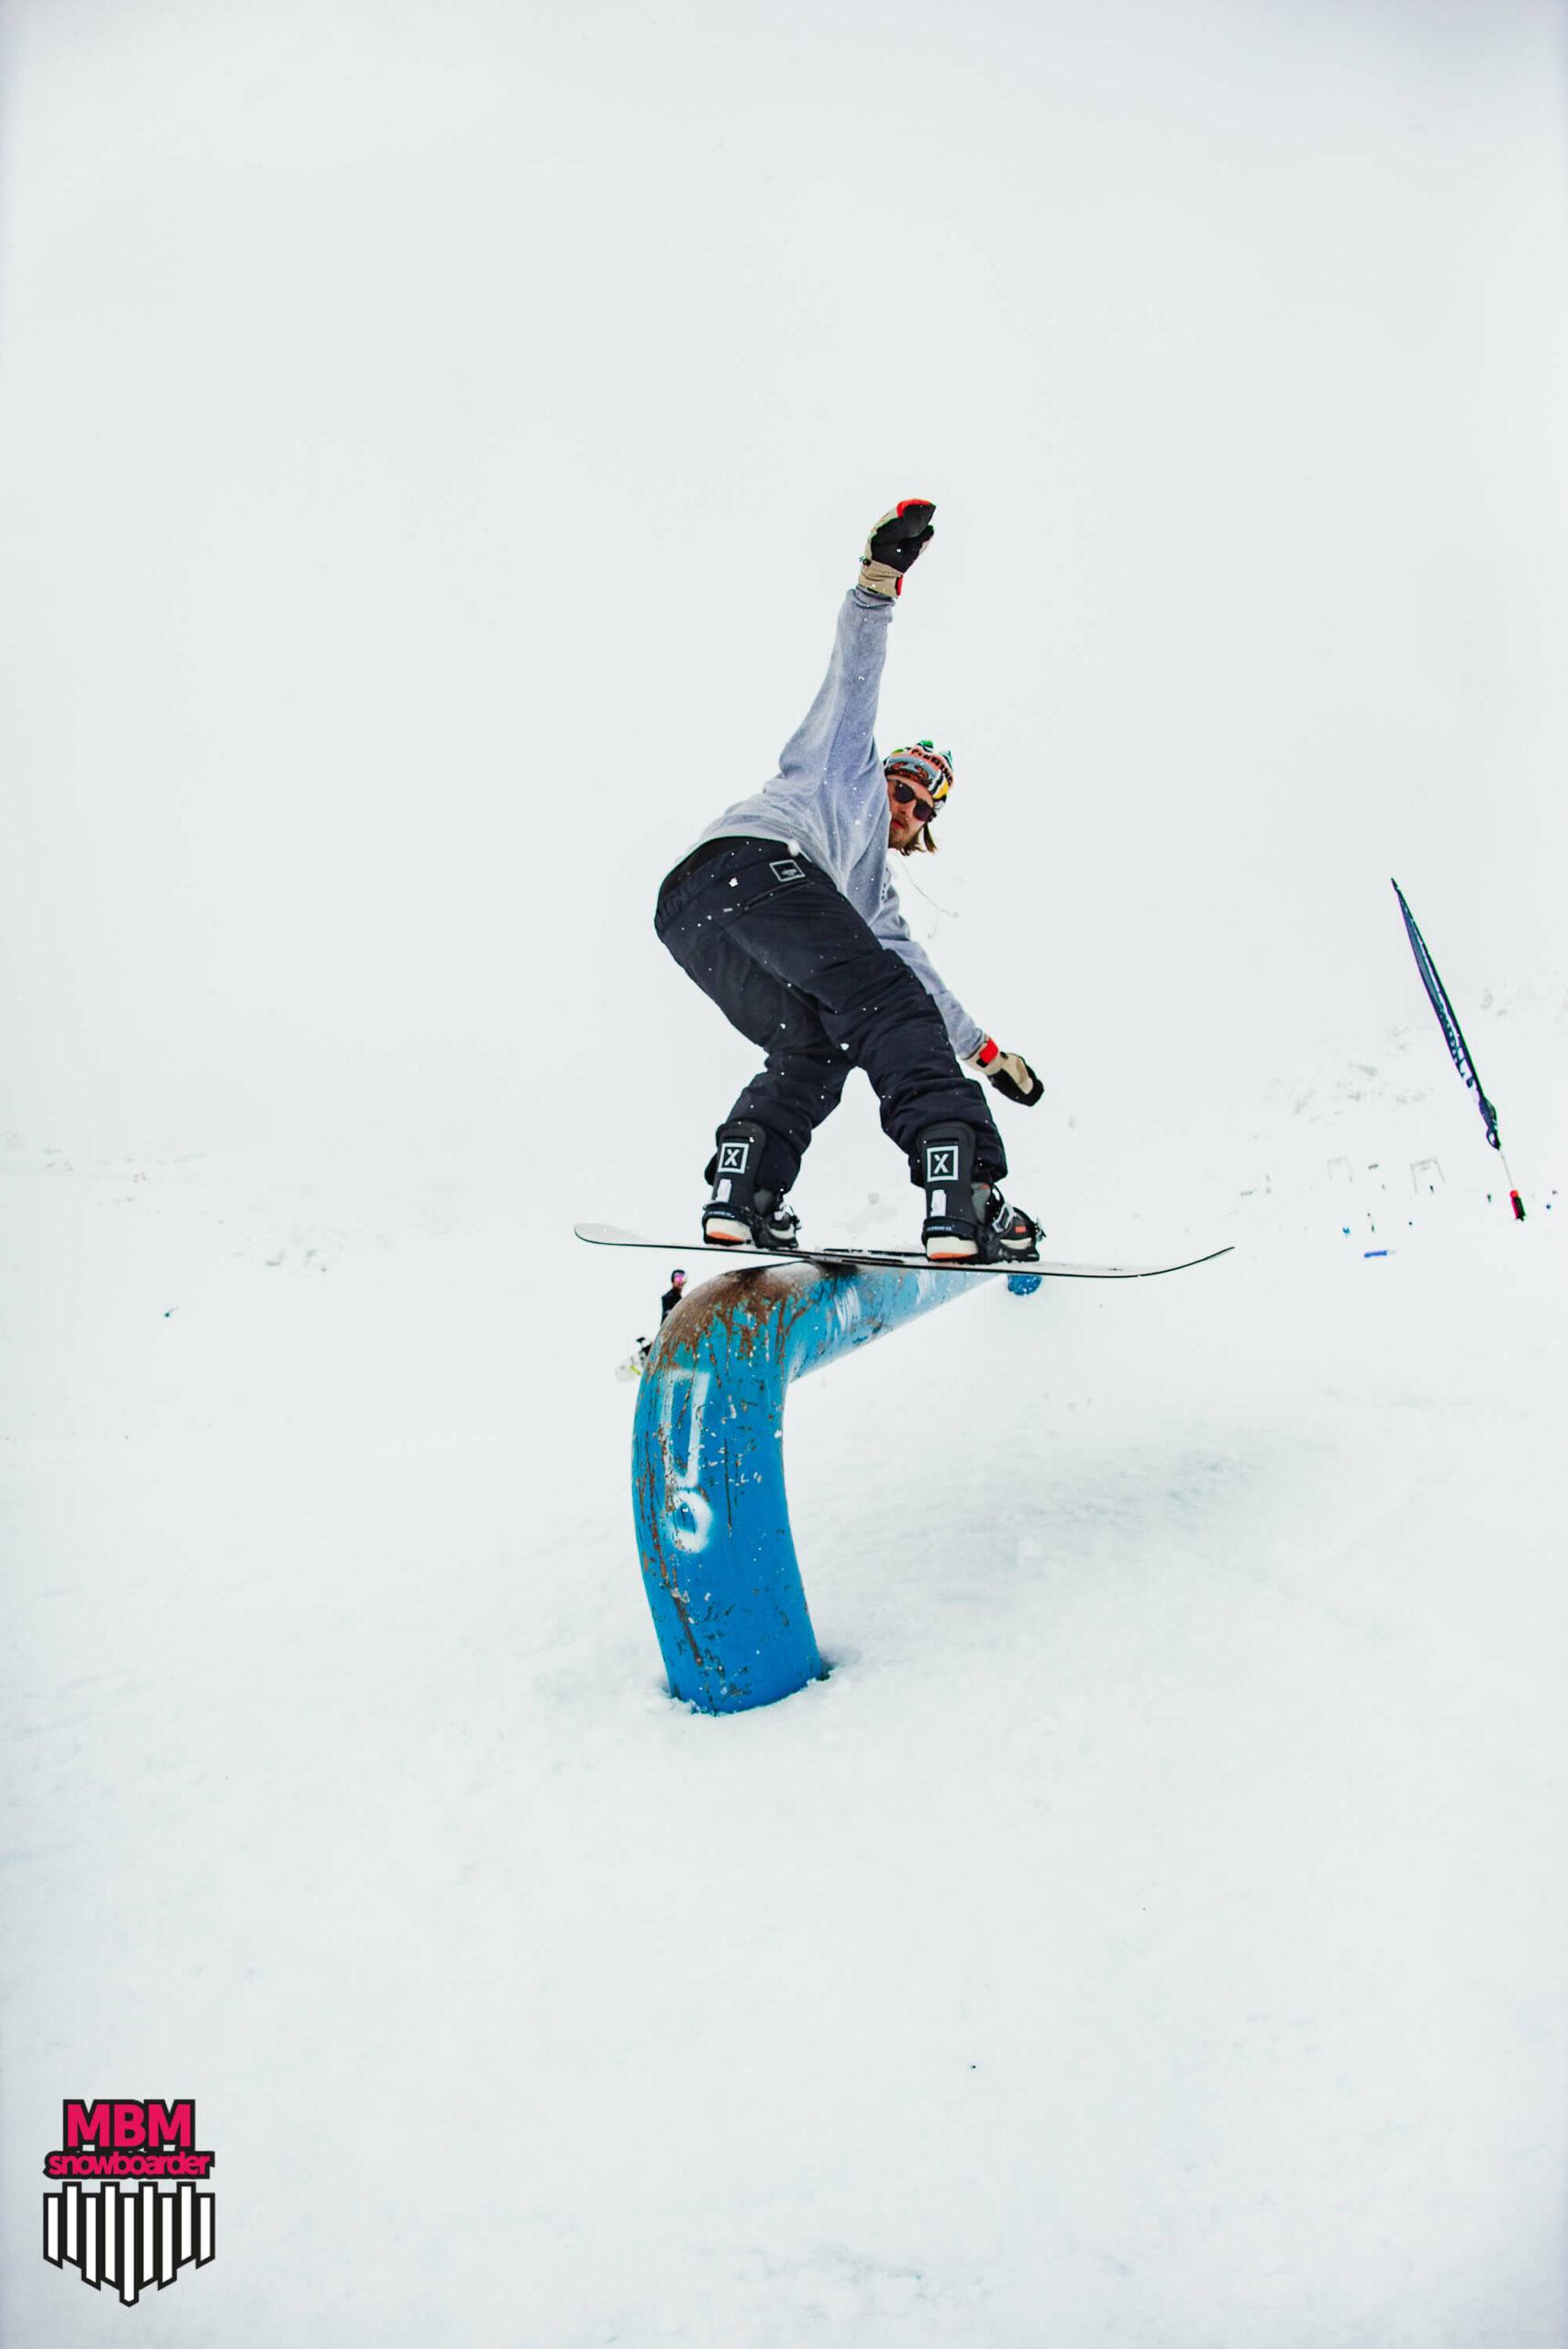 snowboarderMBM_sd_kaunertal_096